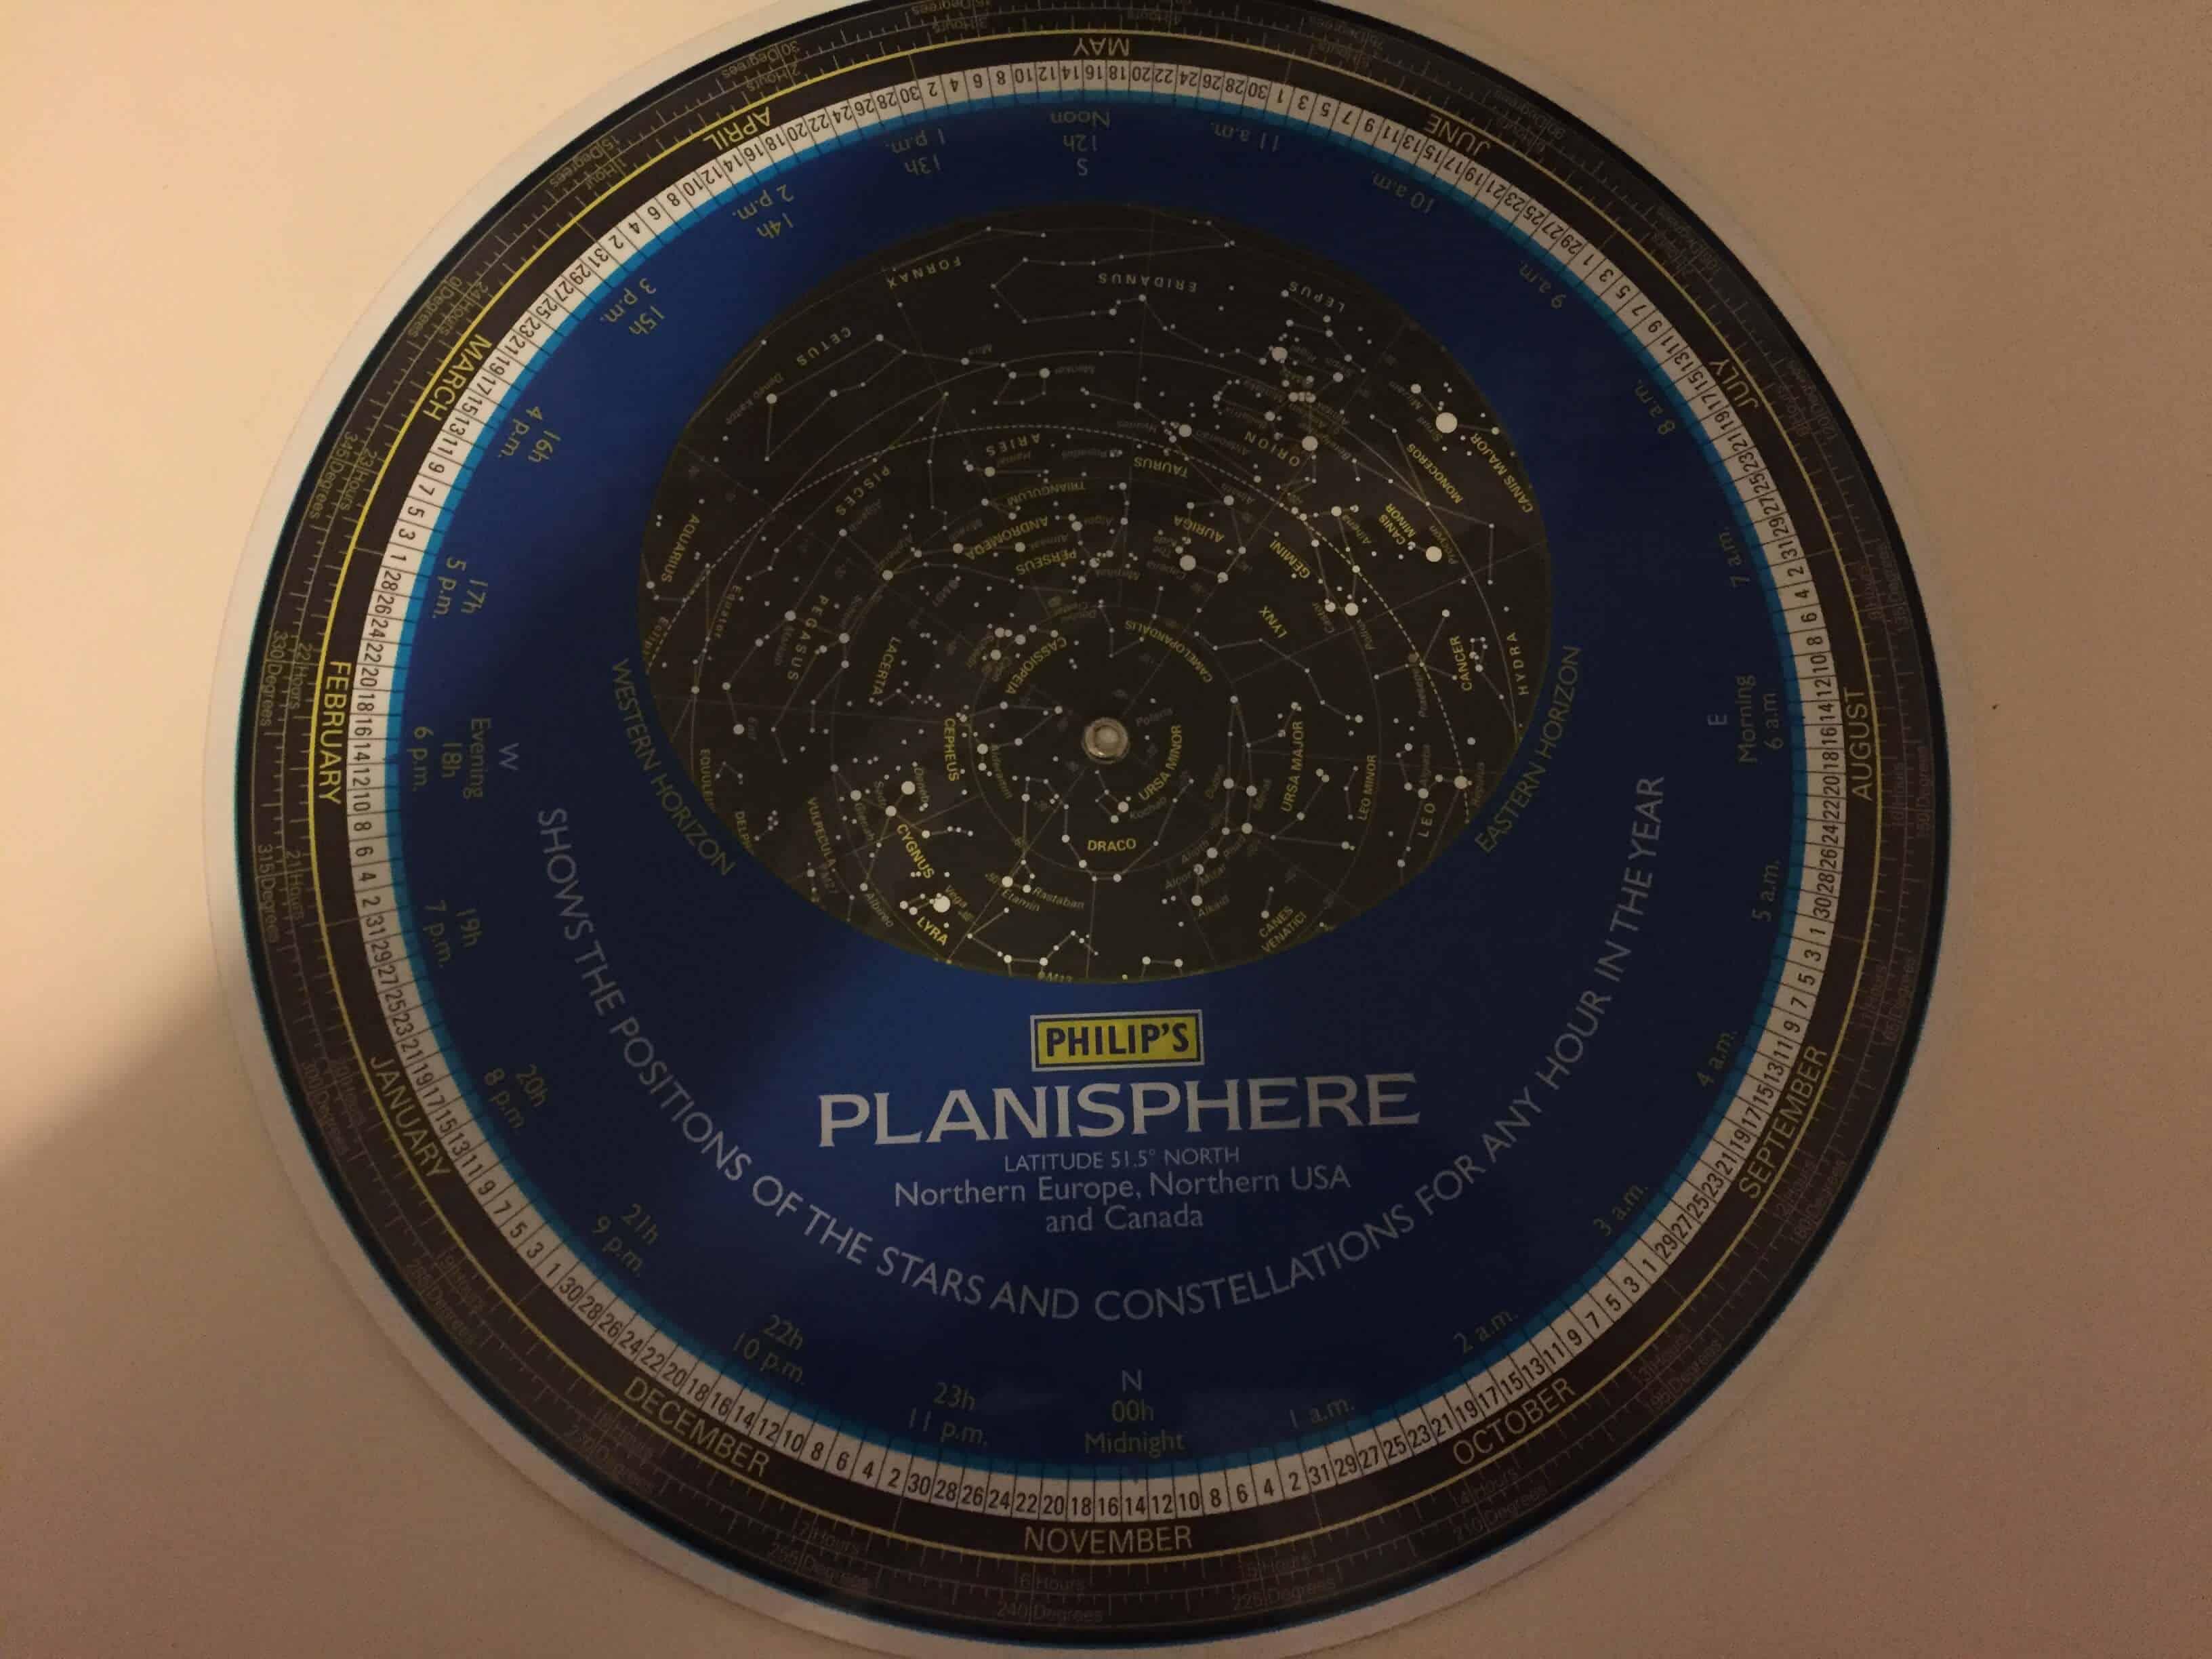 Philip's planisphere